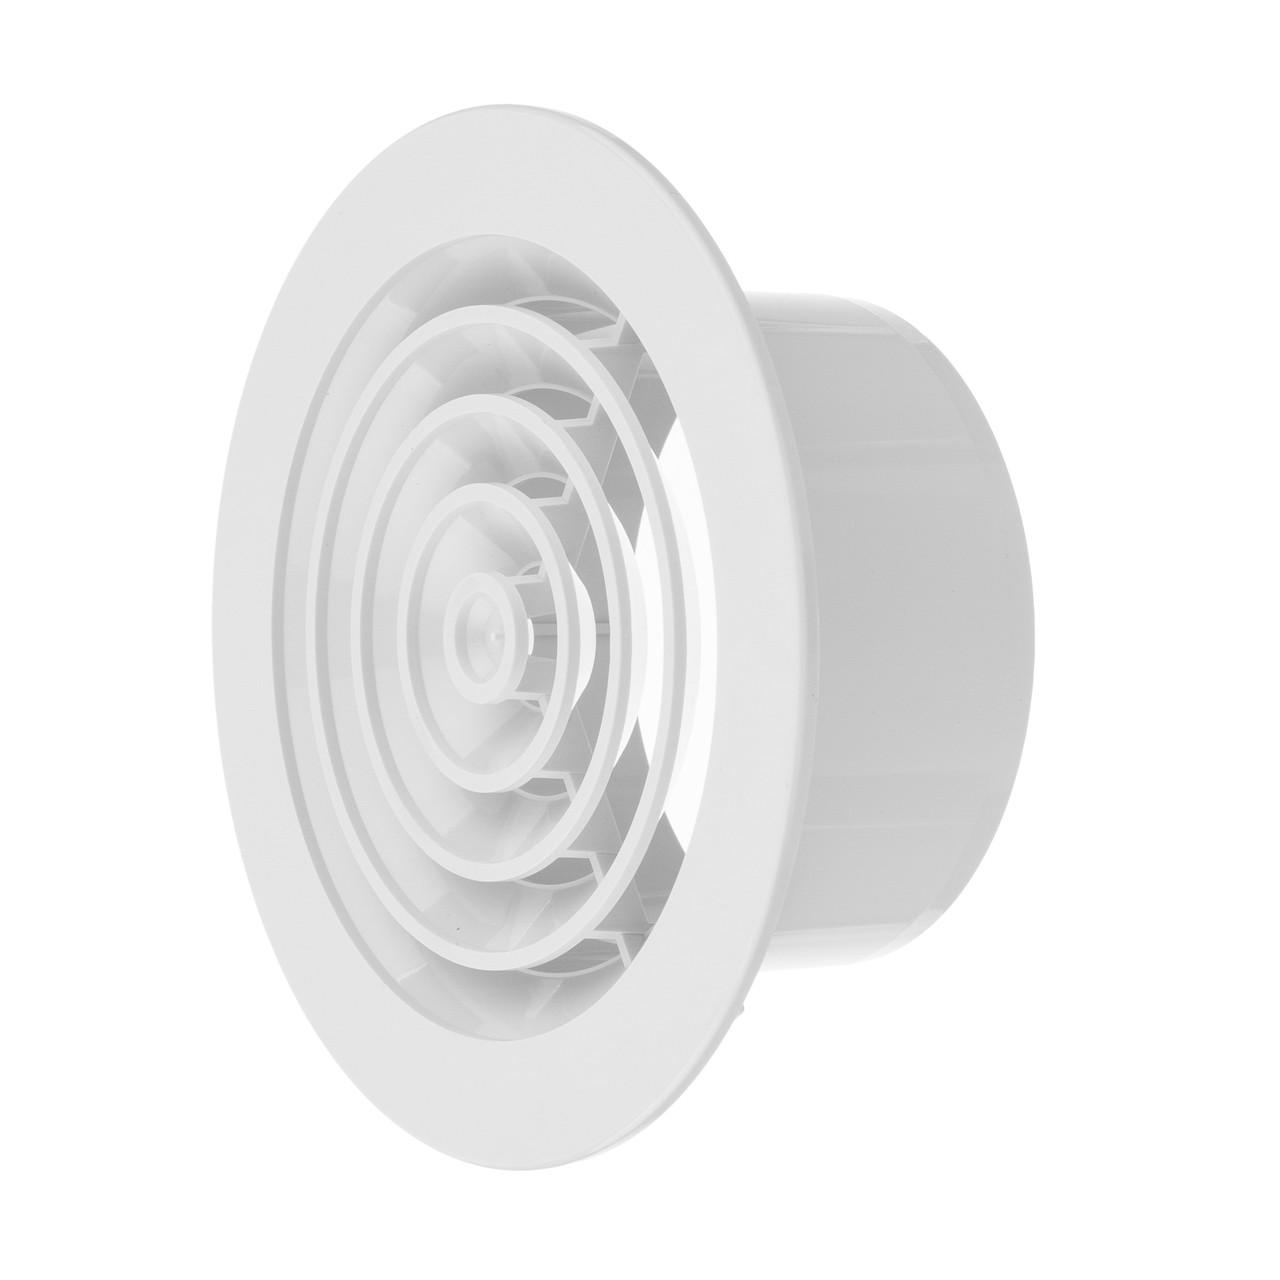 Вентиляційний дифузор c фланцем і пружинним кріпленням, d150*d100мм